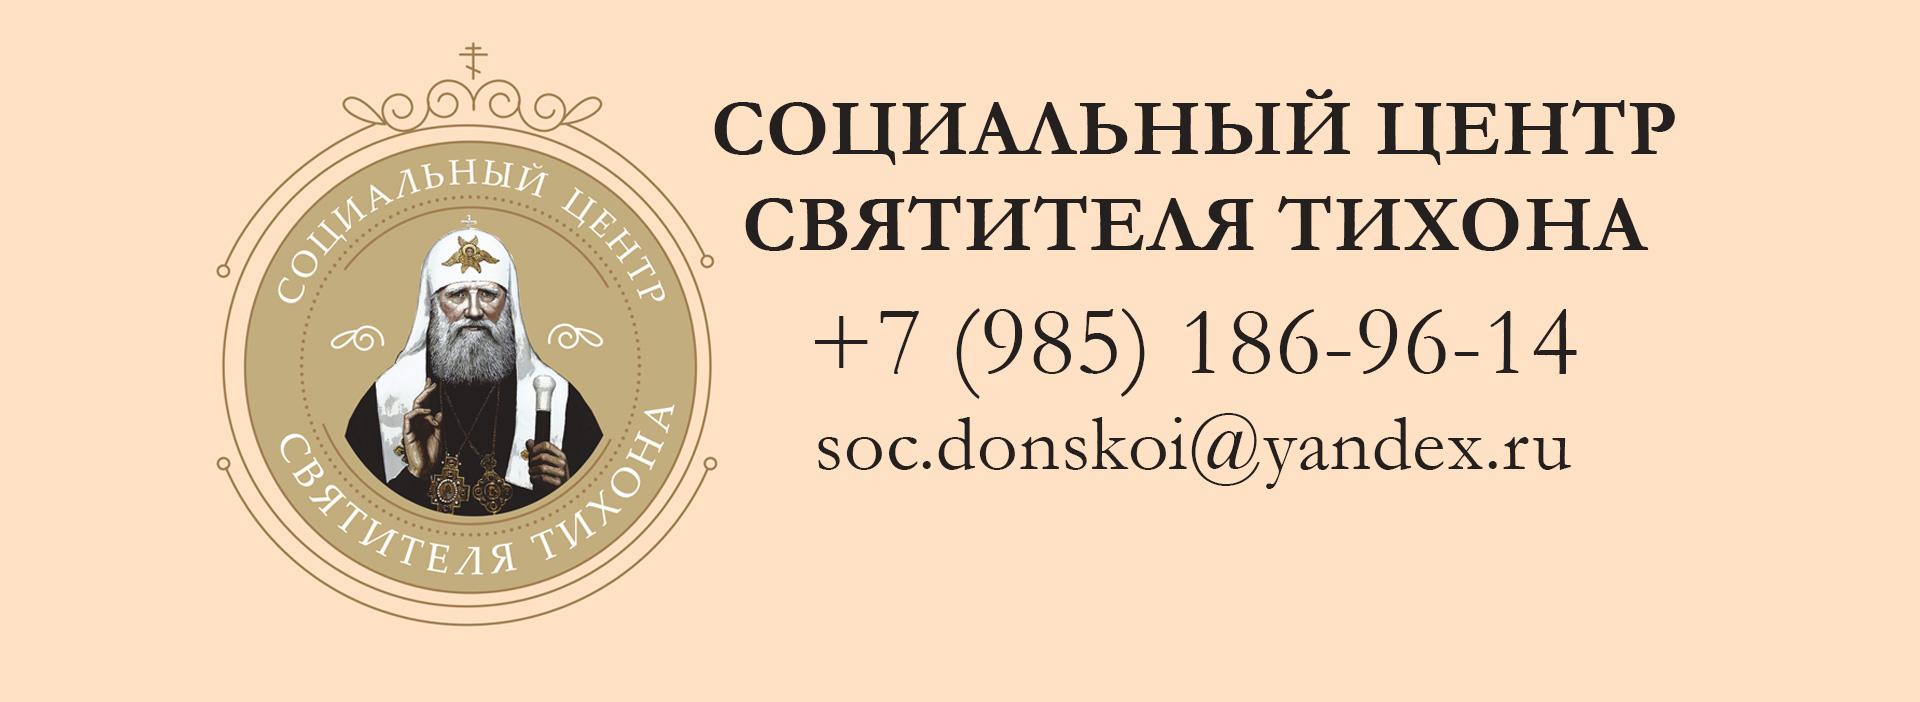 Социальный центр Святителя Тихона